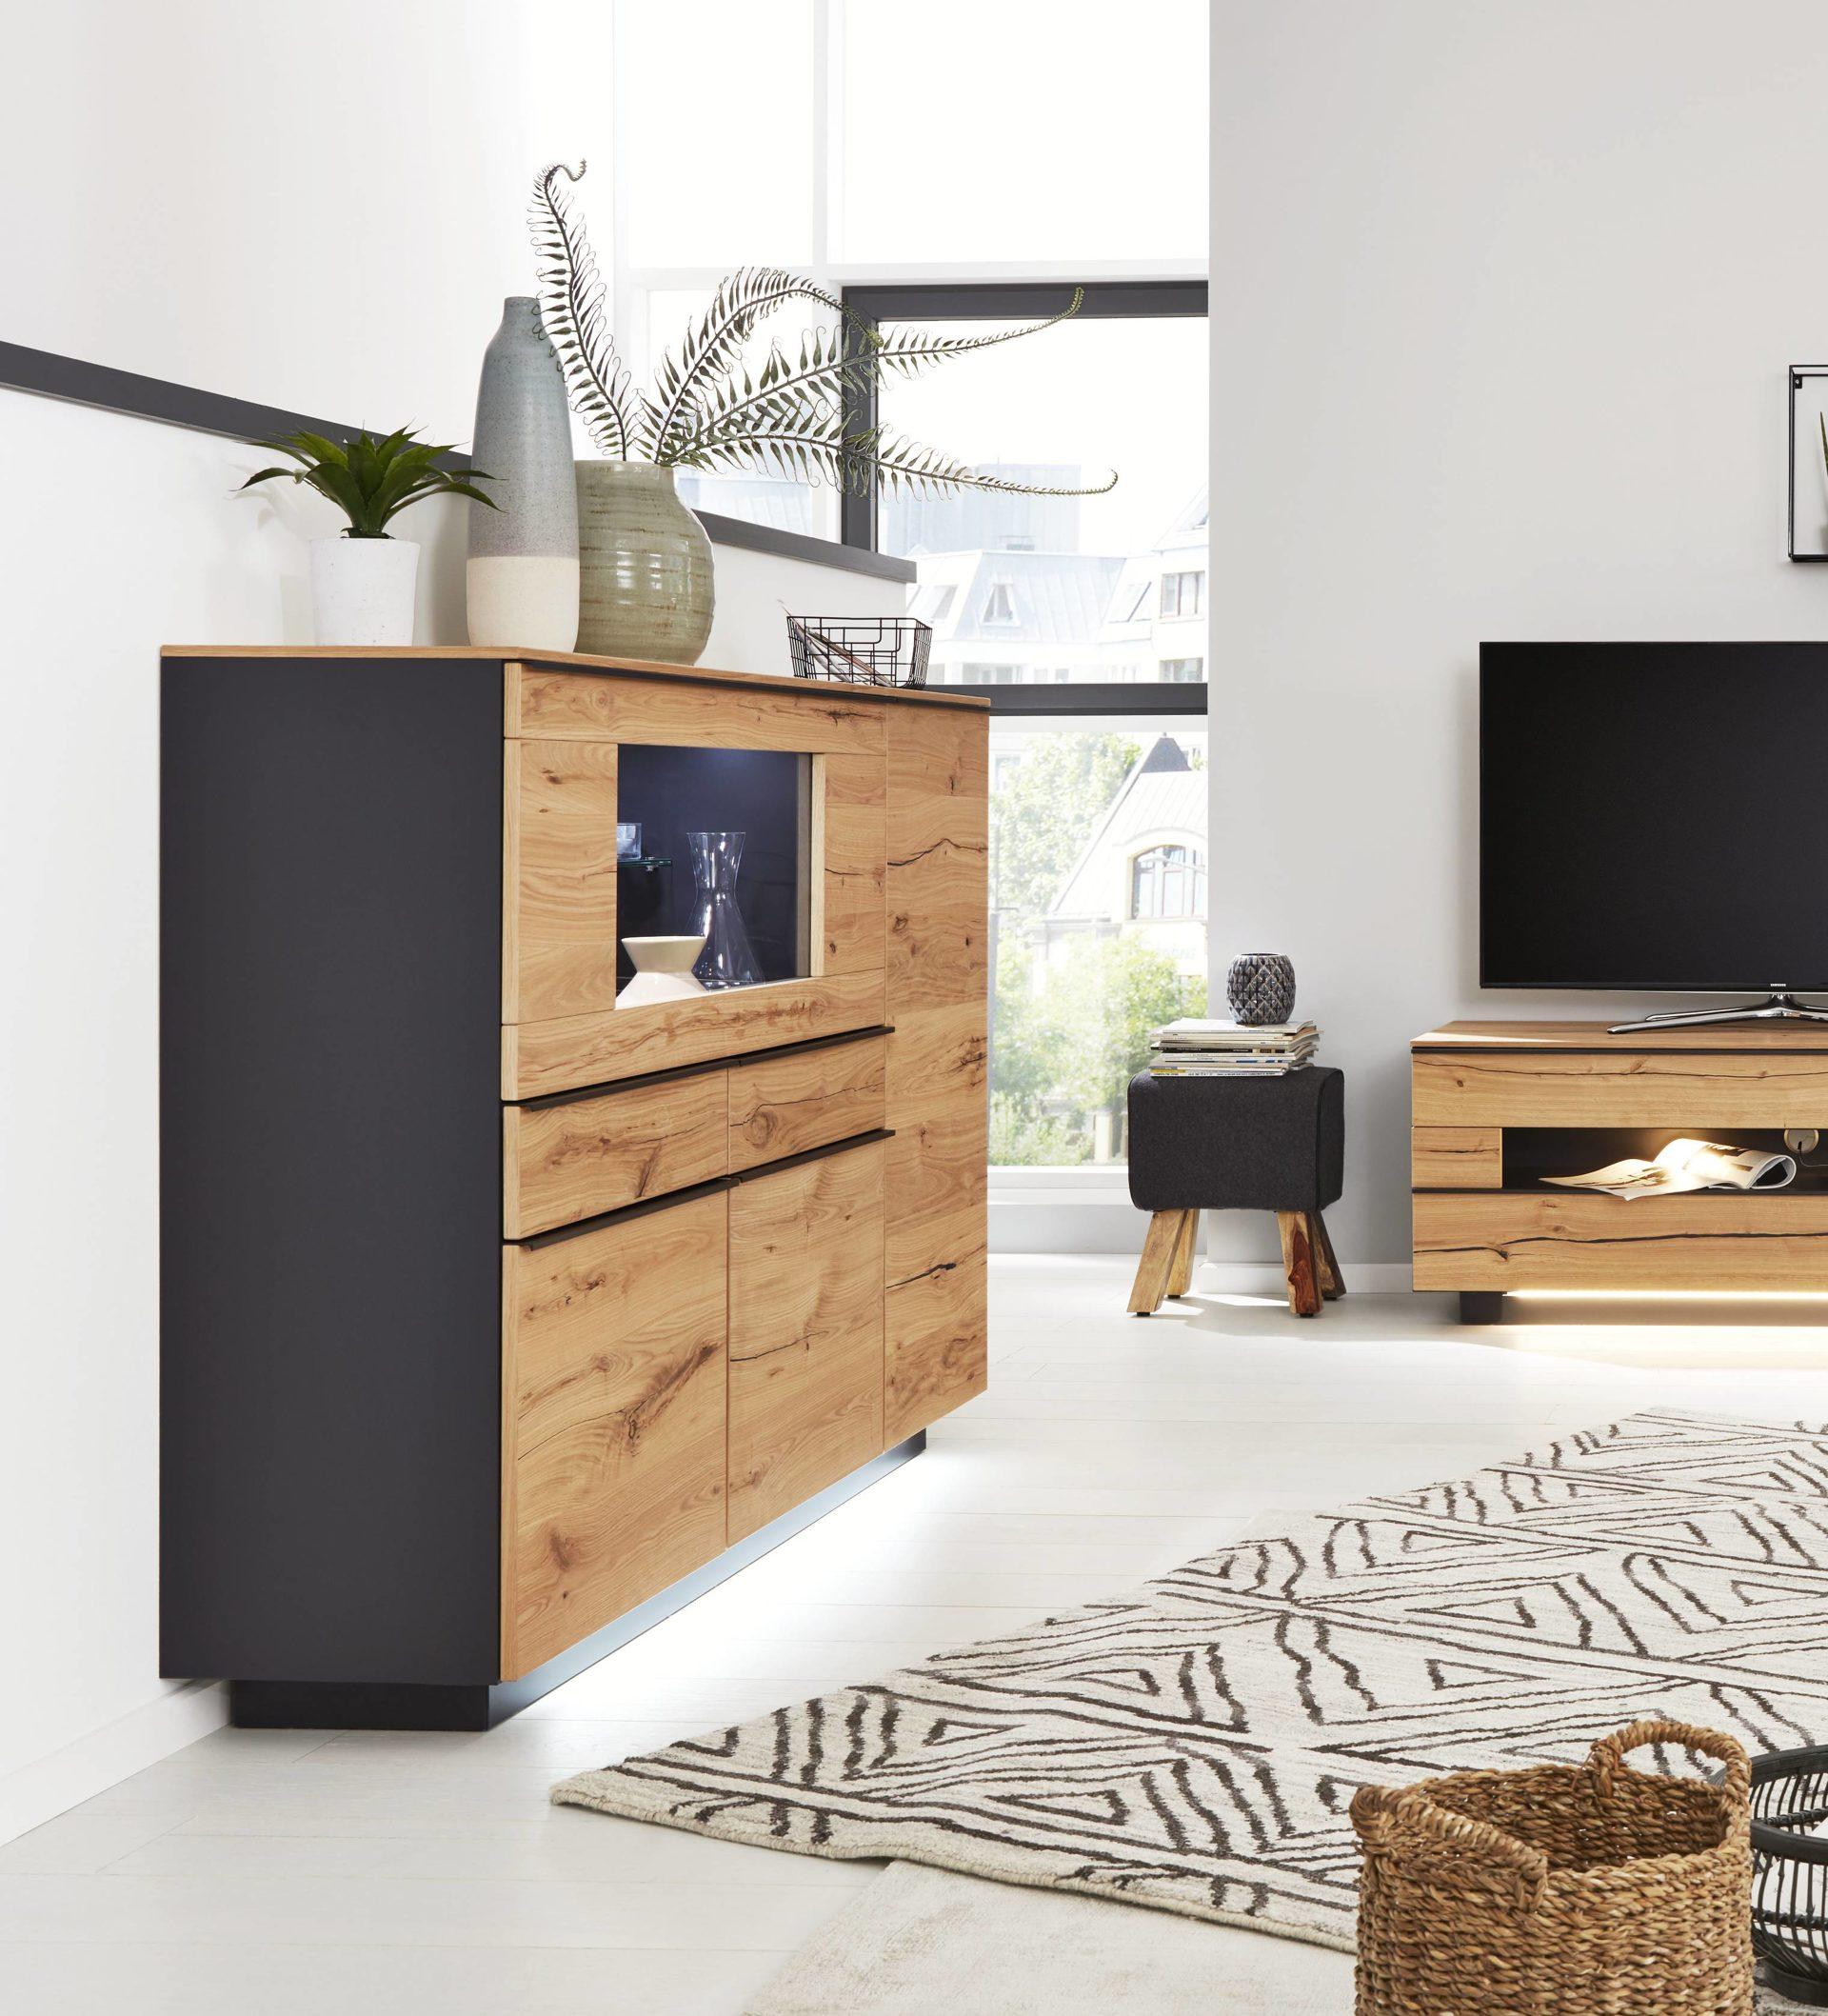 Interliving Wohnzimmer Serie 18 – Highboard 18 mit Beleuchtung